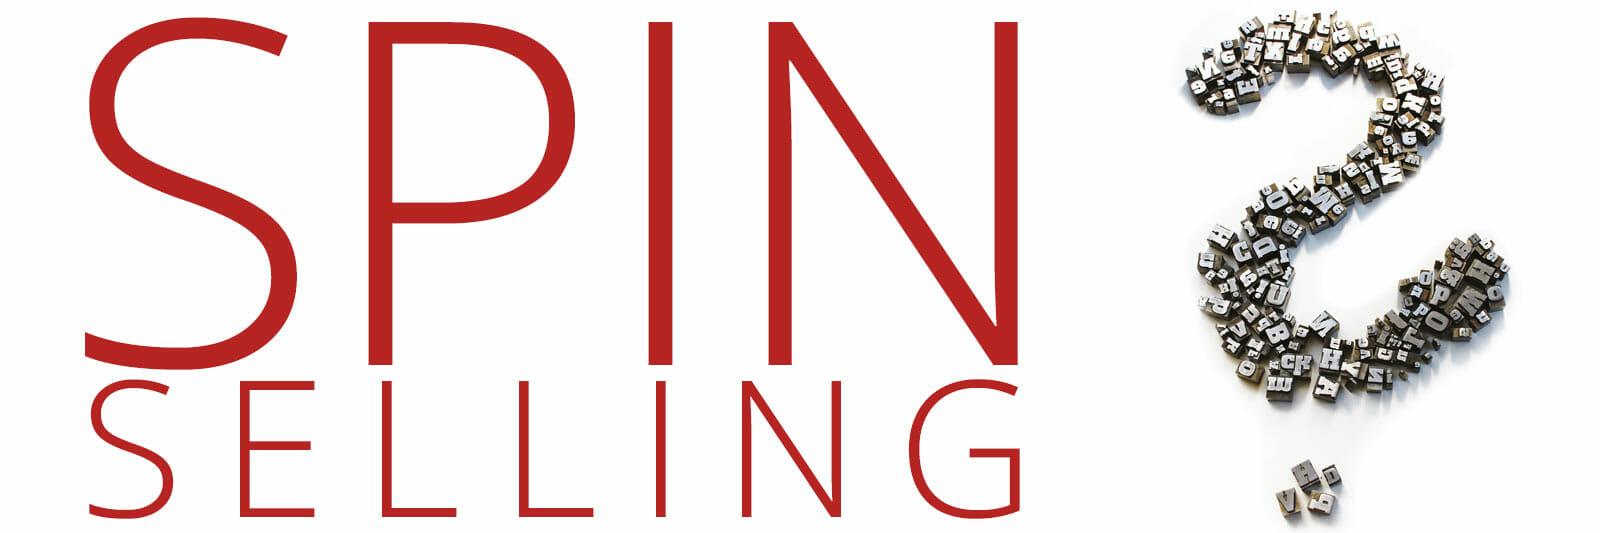 Erfolgreicher Verkaufen mit dem SPIN-System